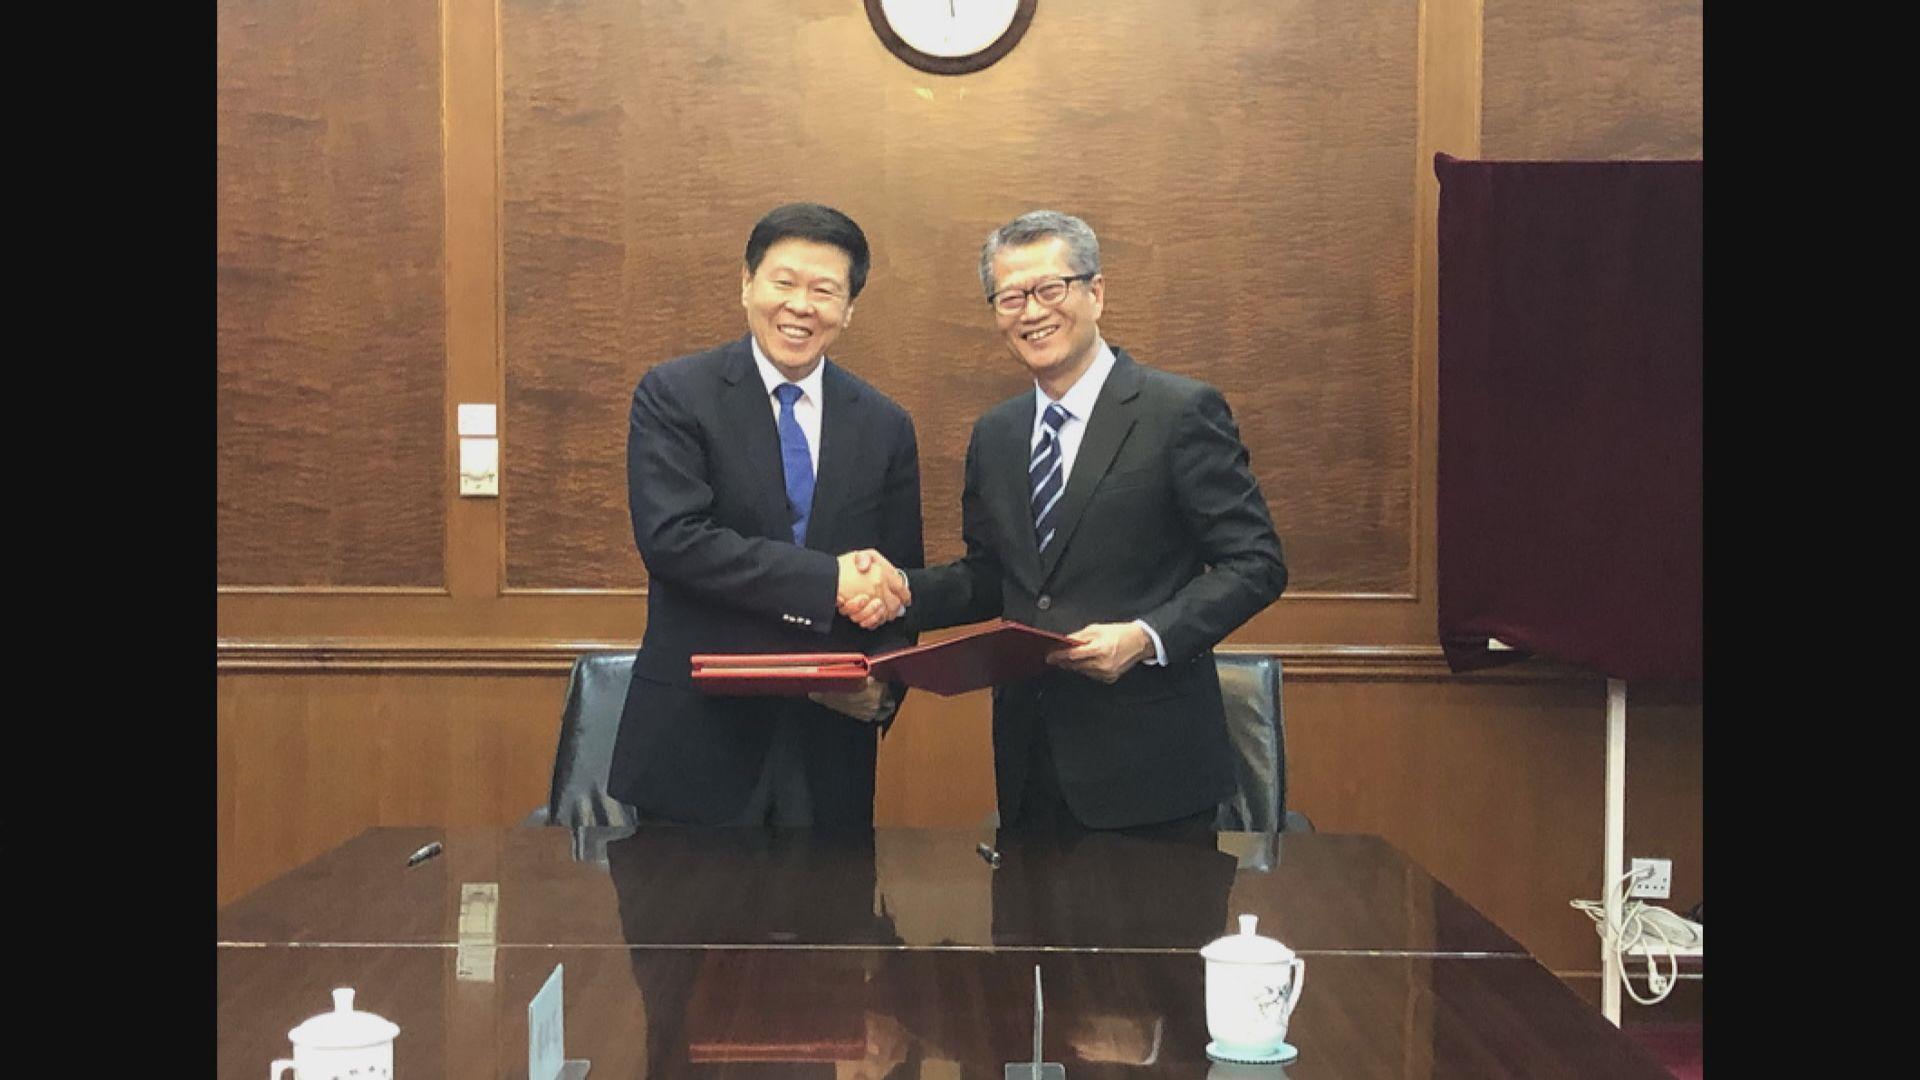 陳茂波:與內地簽訂新稅務安排